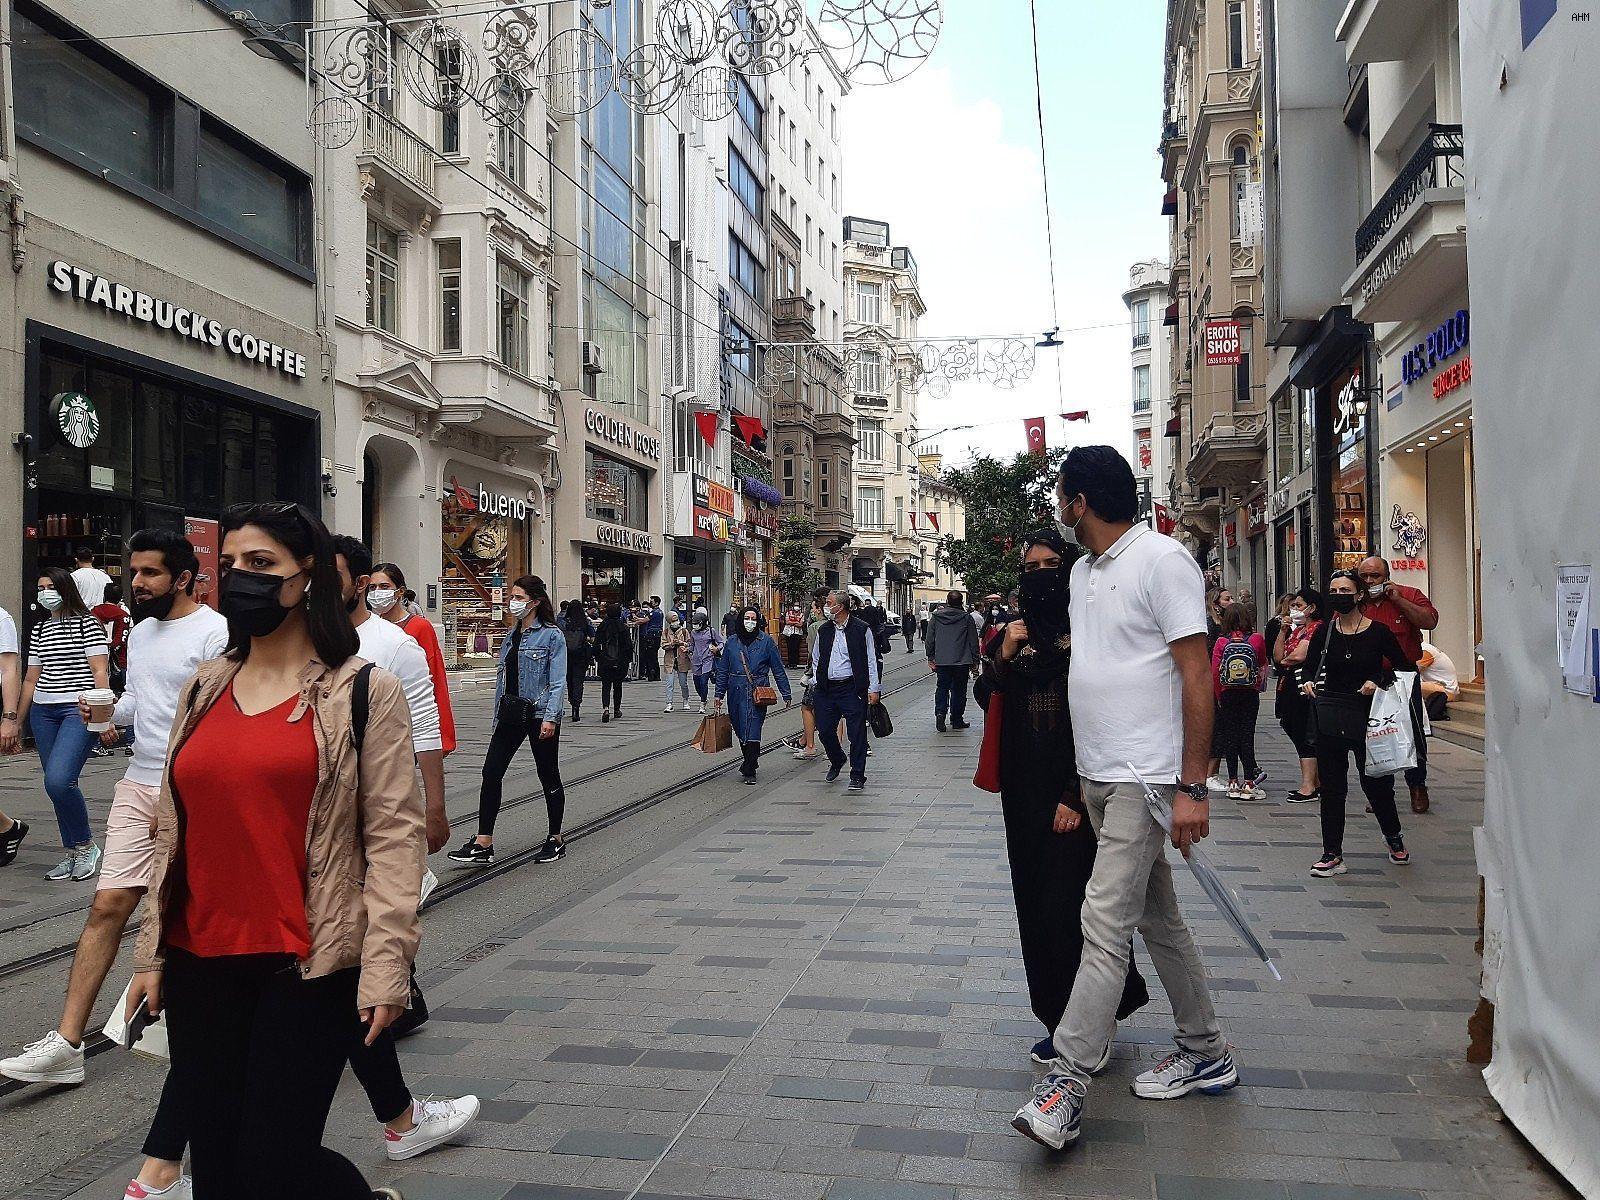 2021/06/istiklal-caddesinde-kisitlamasiz-ilk-cumartesi-yogunlugu-20210605AW33-1.jpg